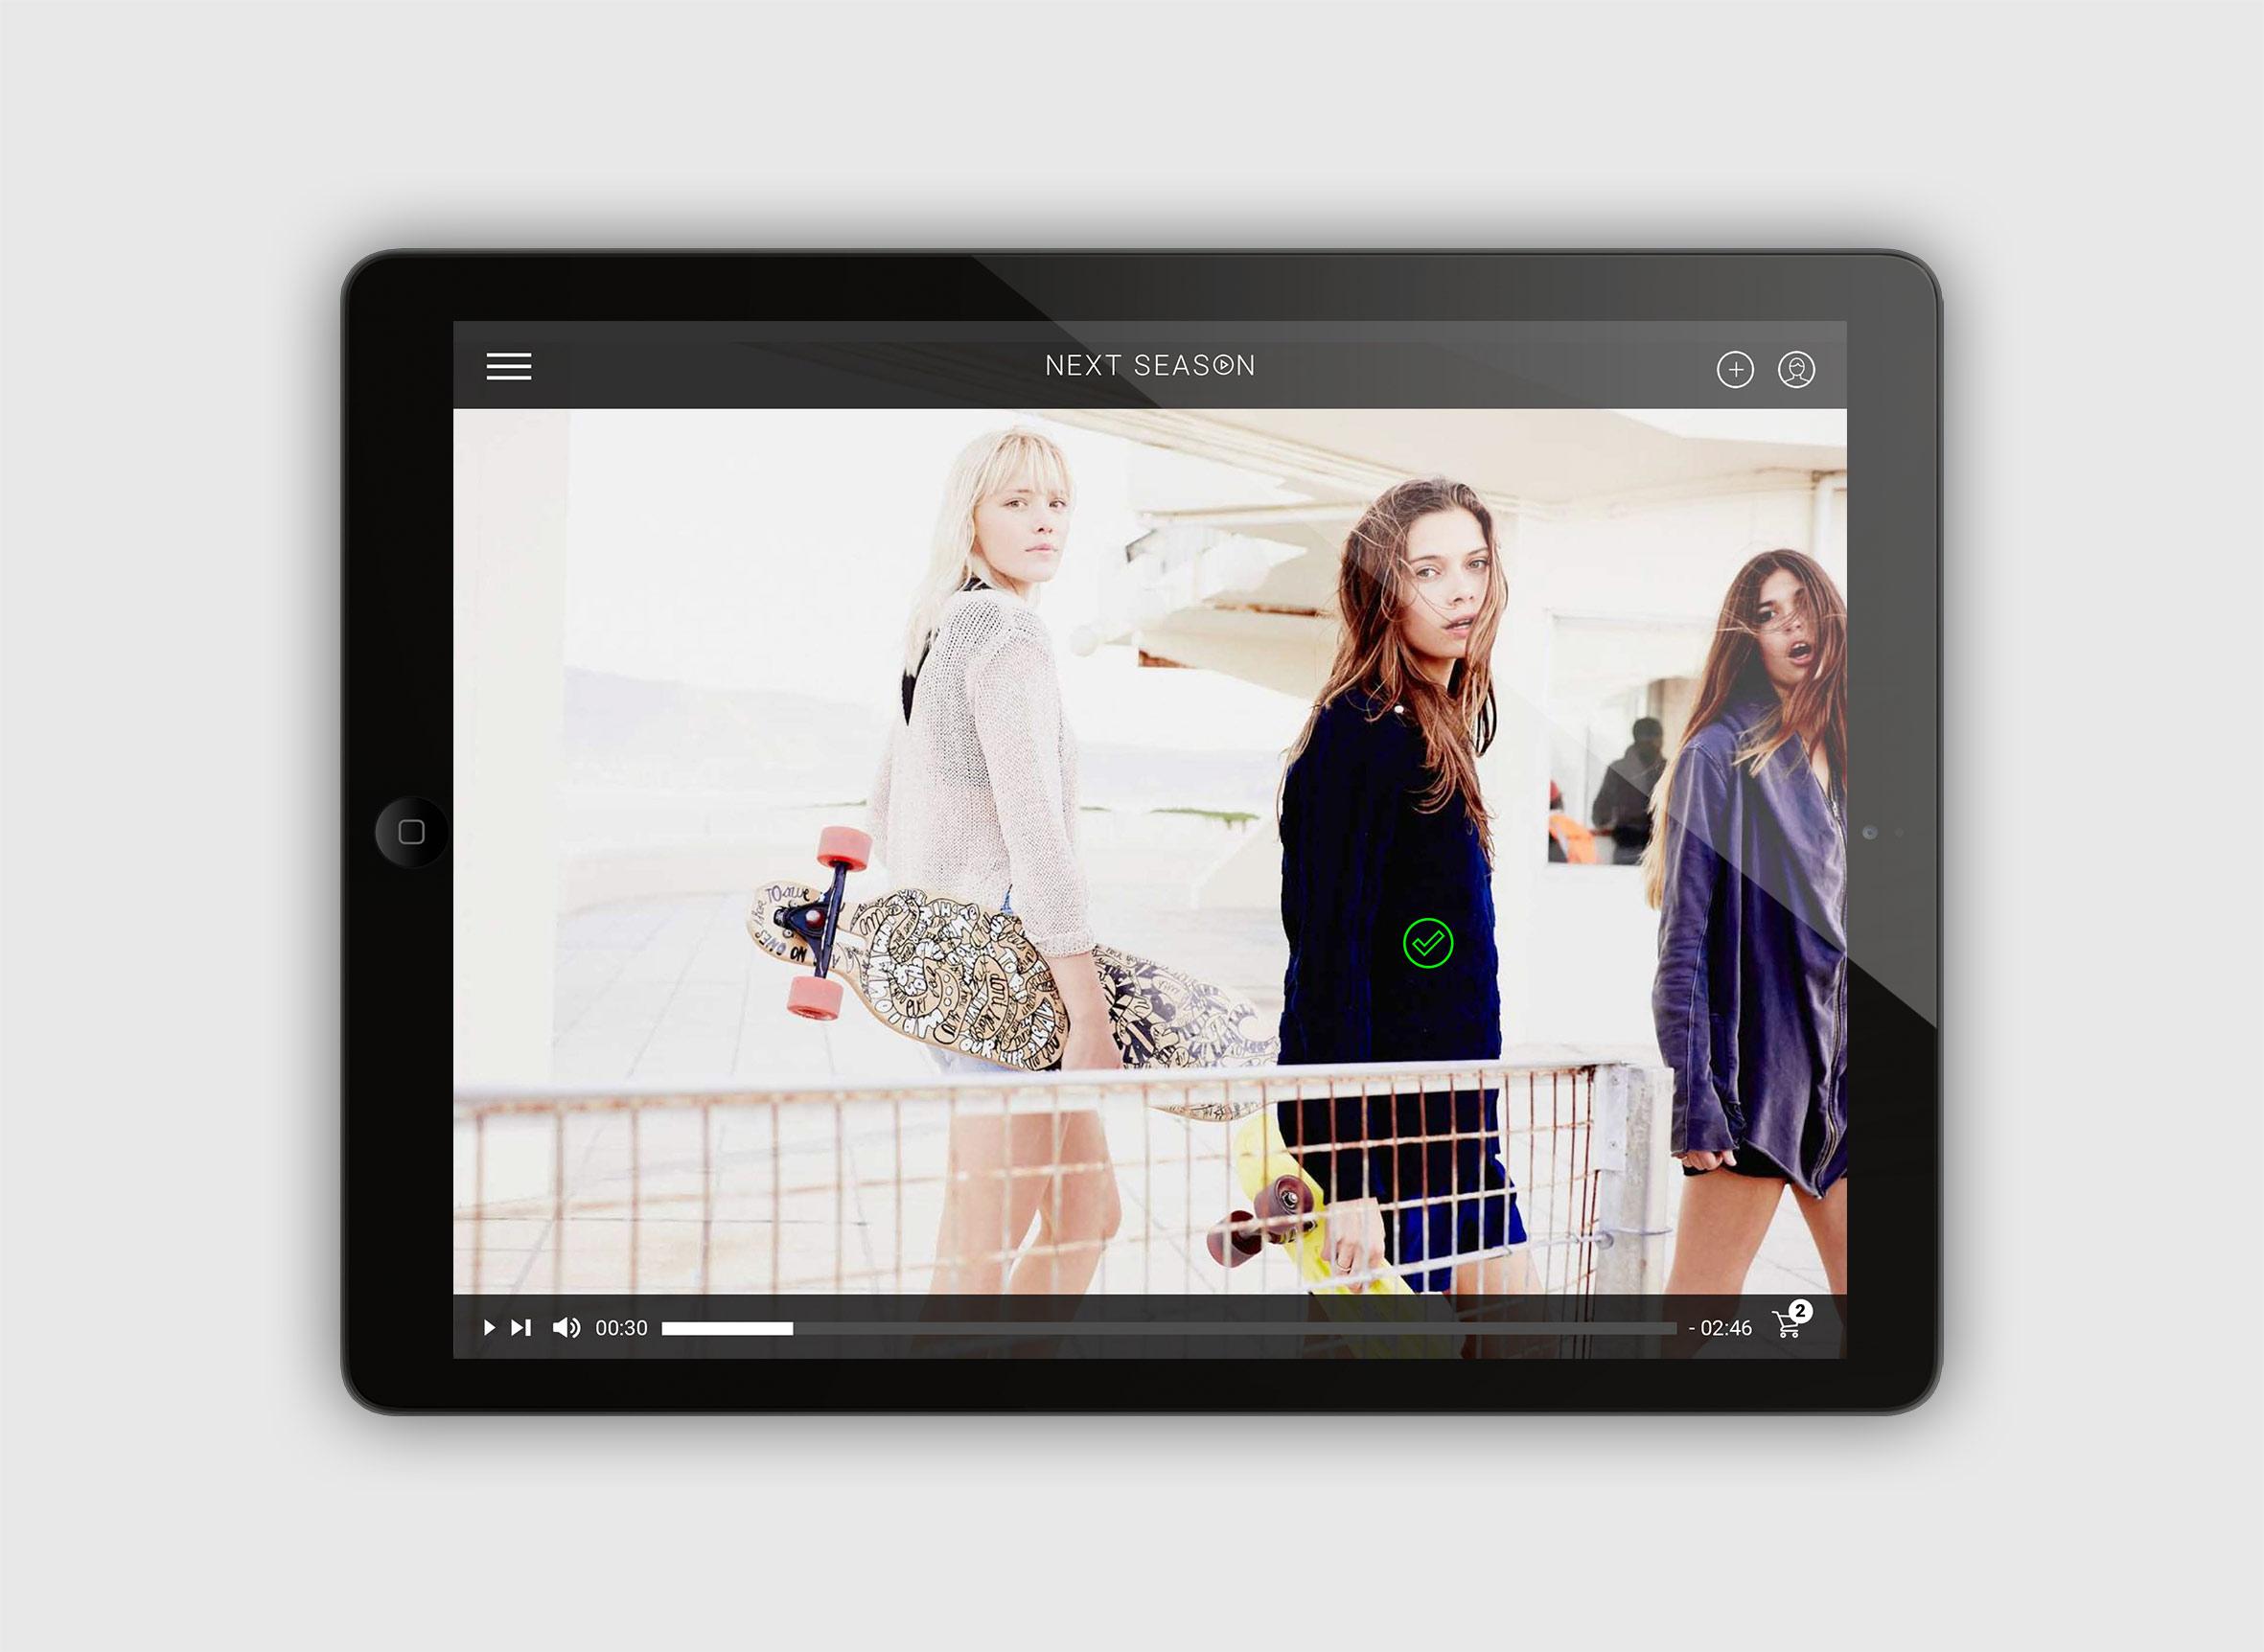 iPad_NS_13